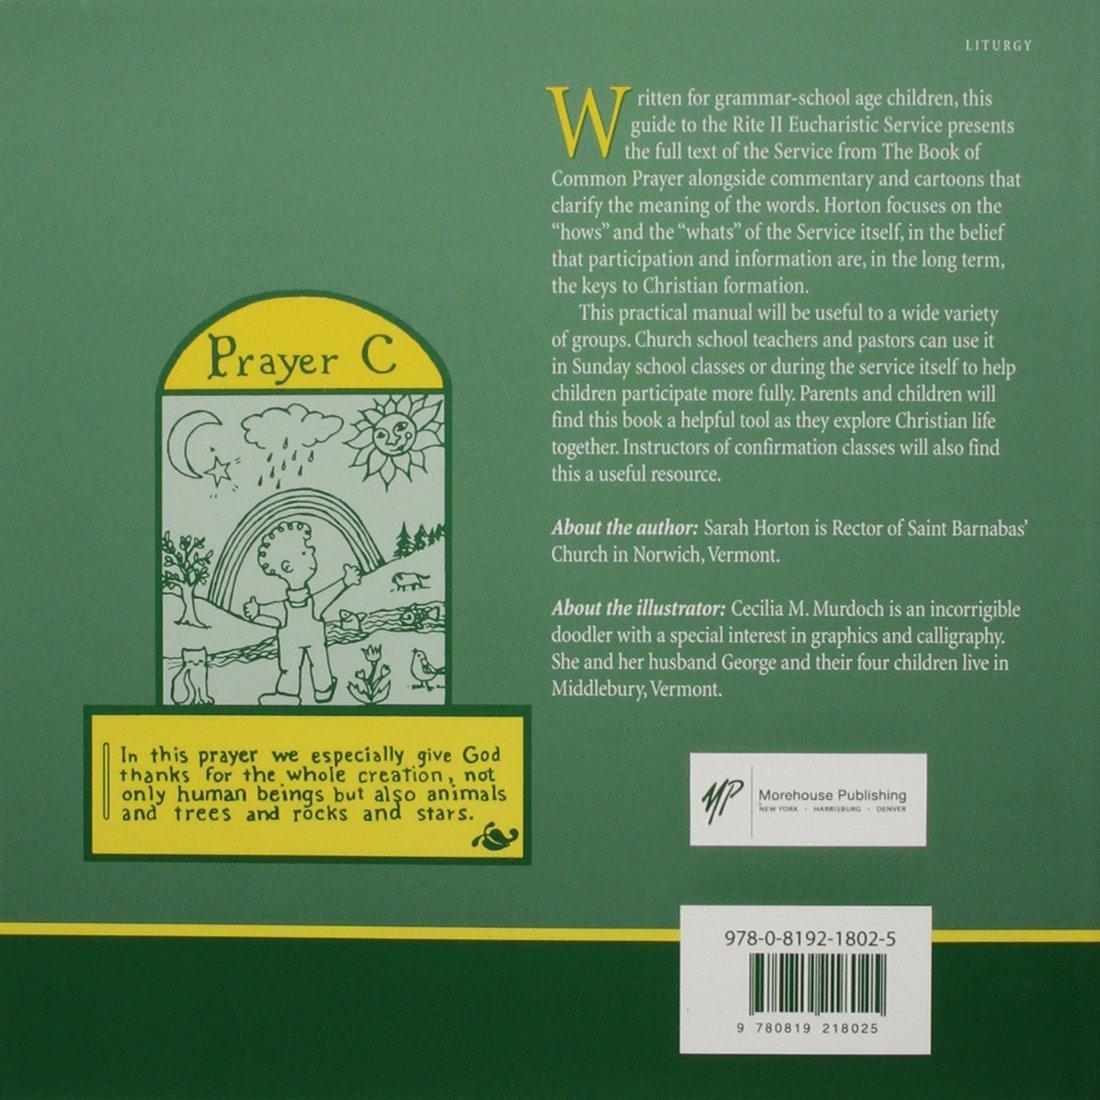 A Child's Guide to the Holy Eucharist: Rite II: Sarah Horton, Cecilia M.  Murdoch: 9780819218025: Amazon.com: Books